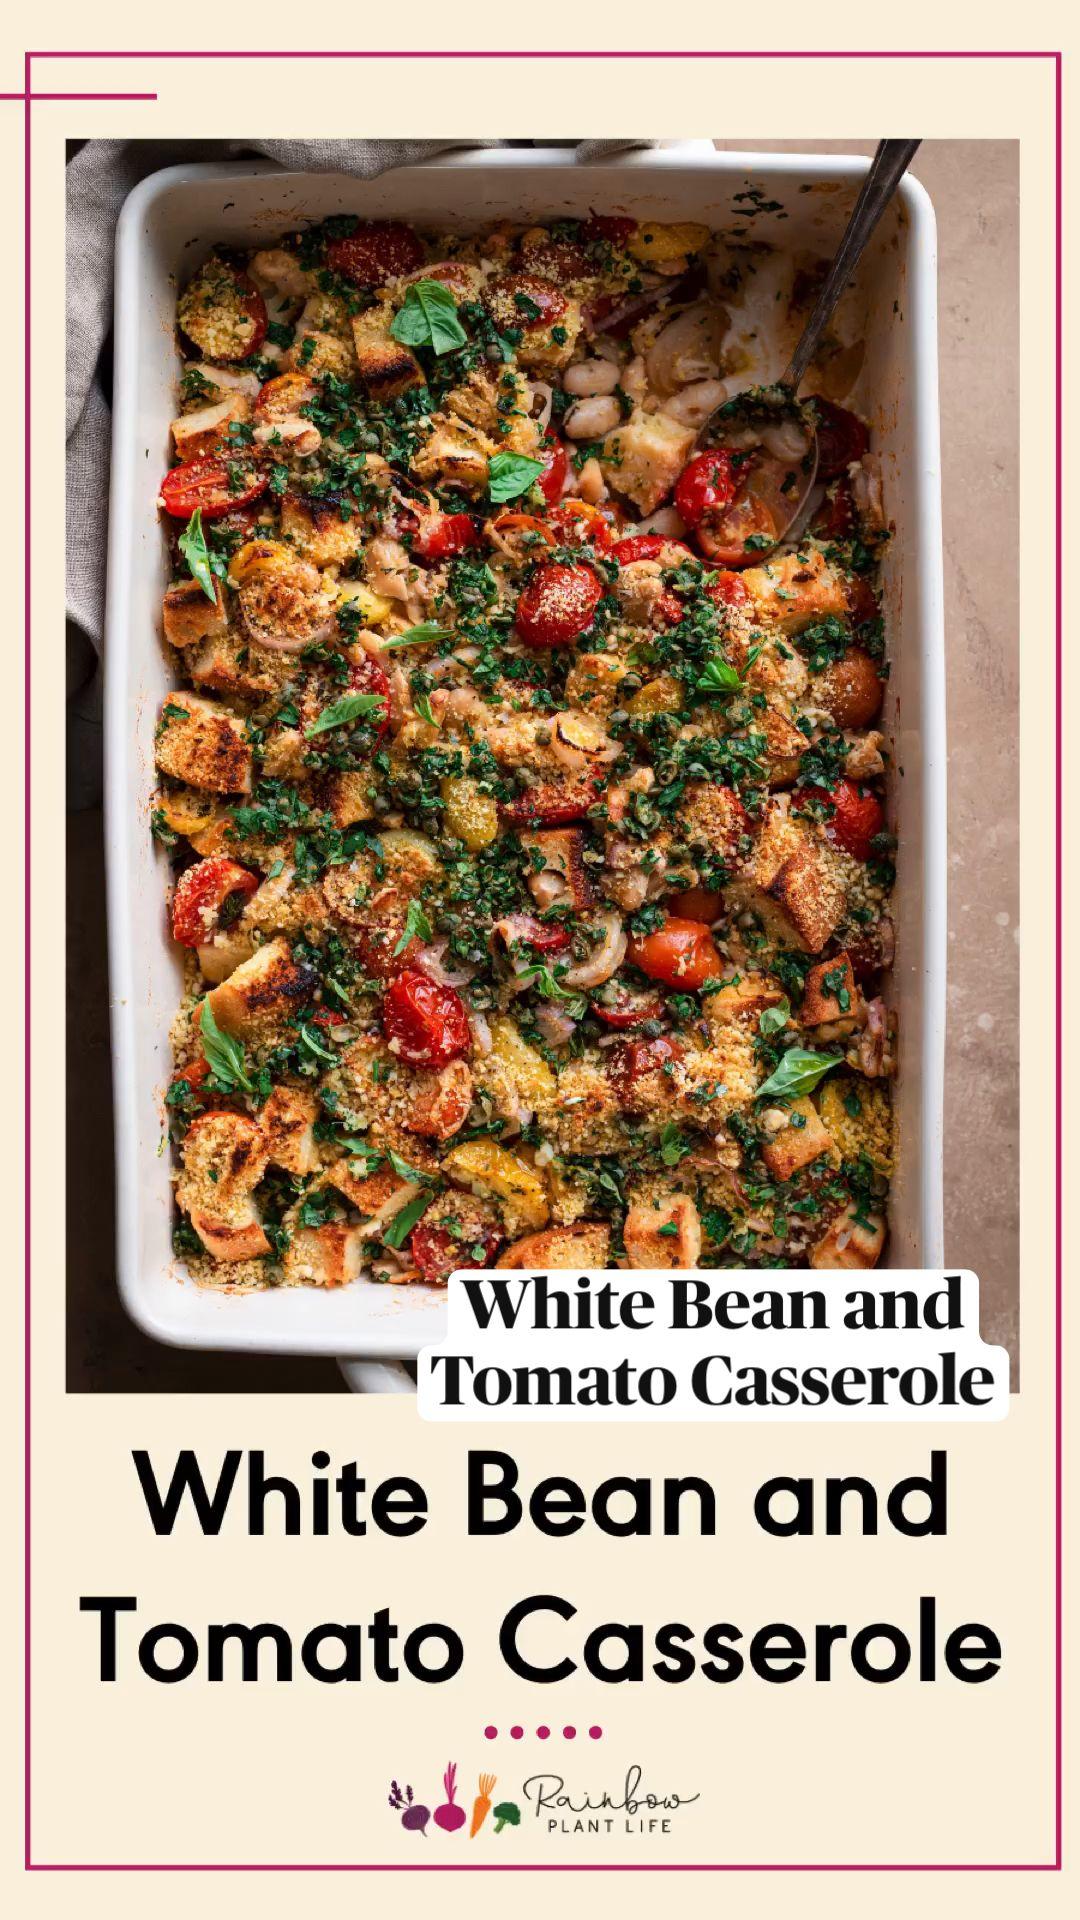 White Bean and Tomato Casserole